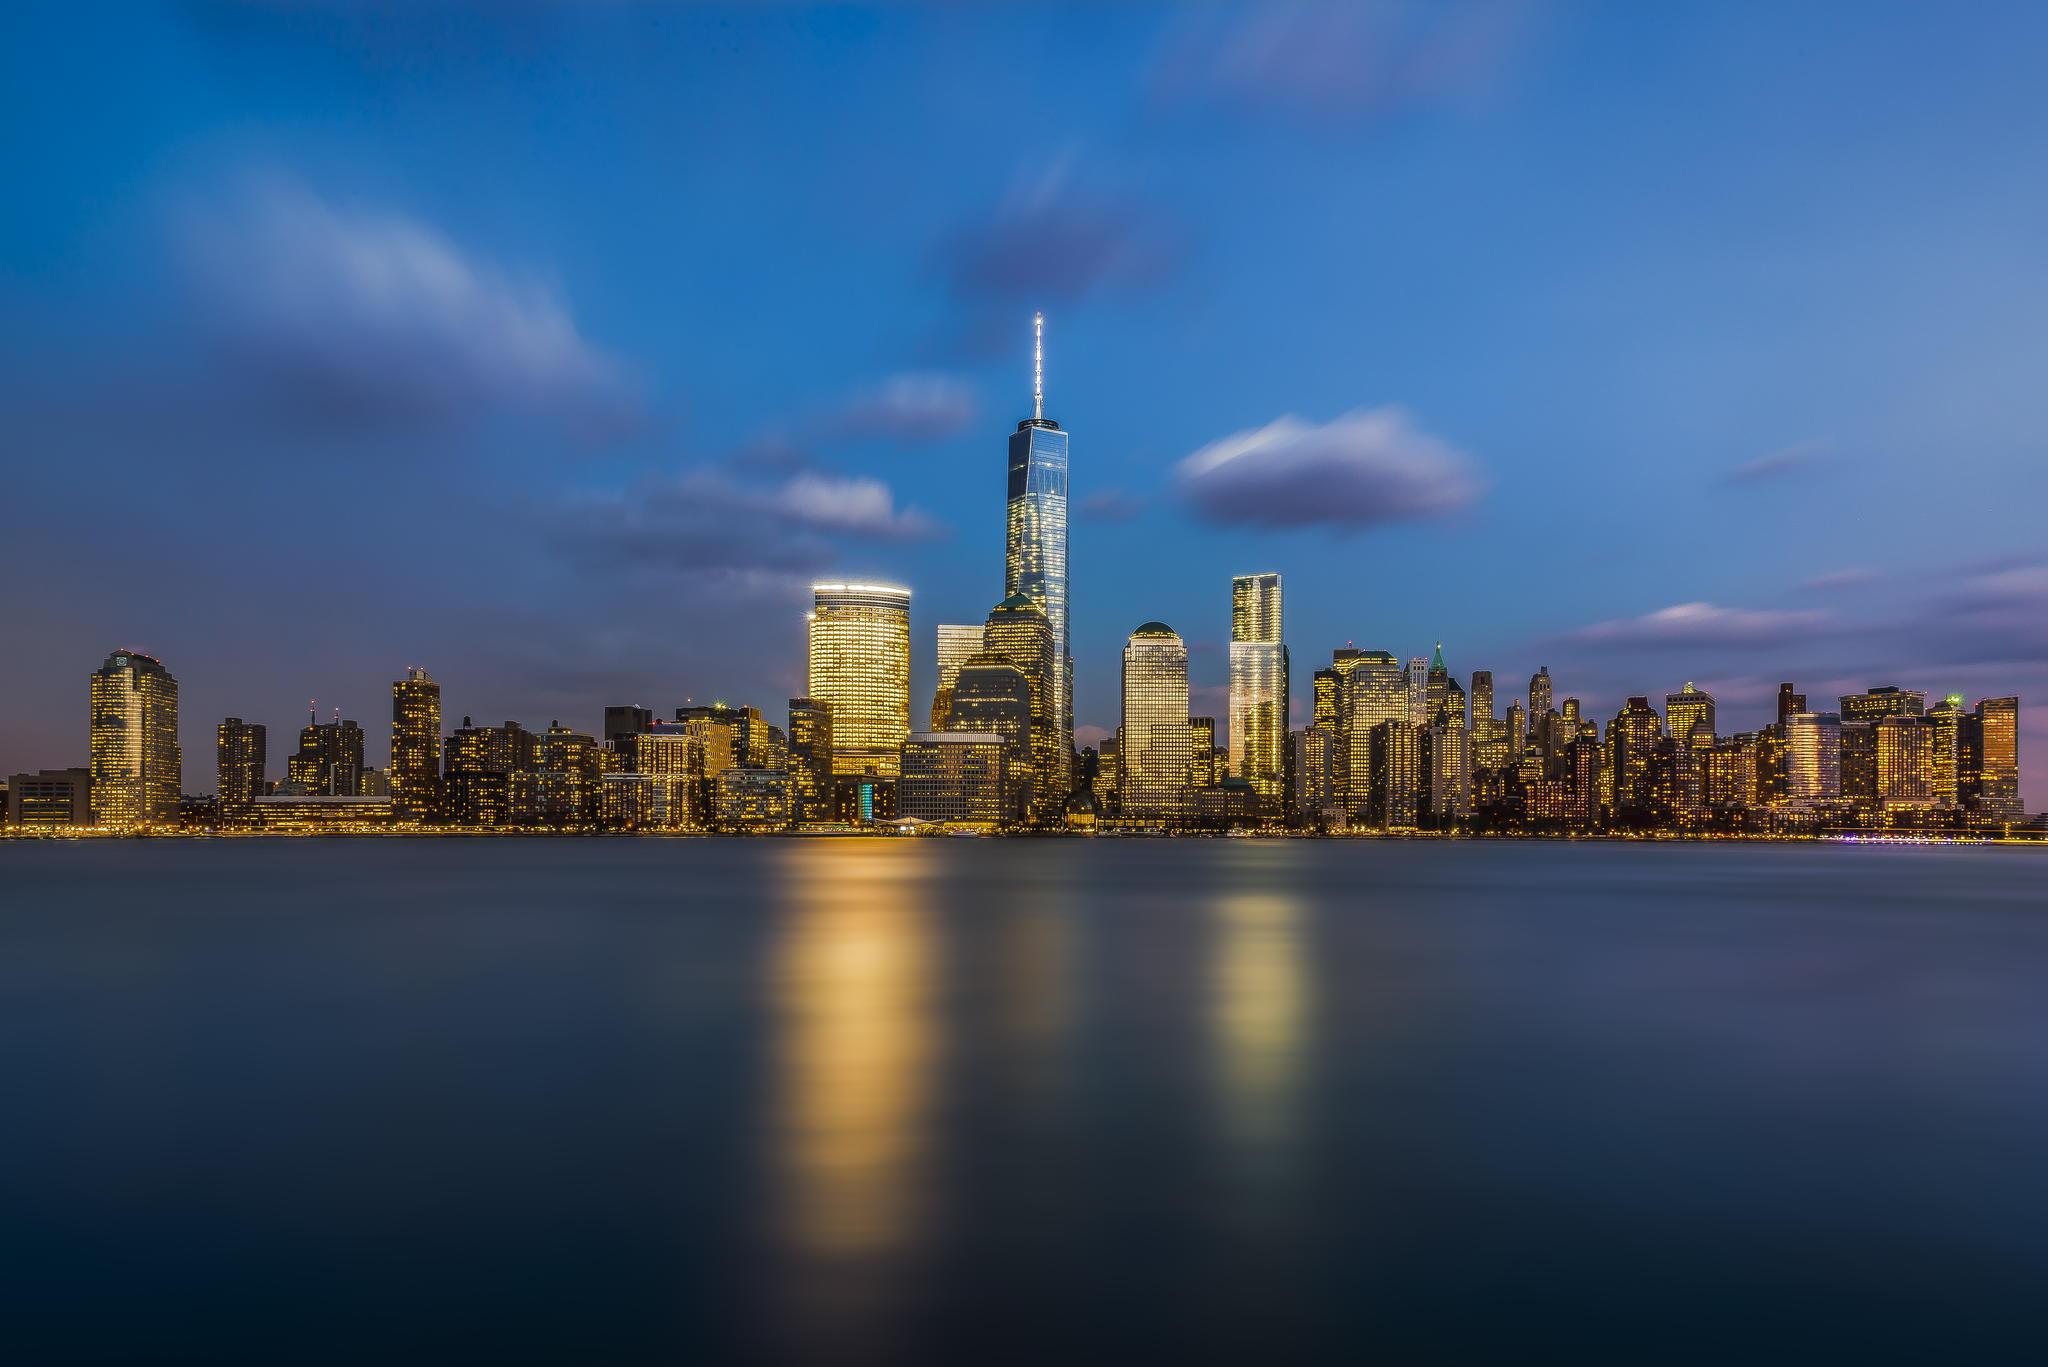 Freedom Tower Night Skyline 2048x1367